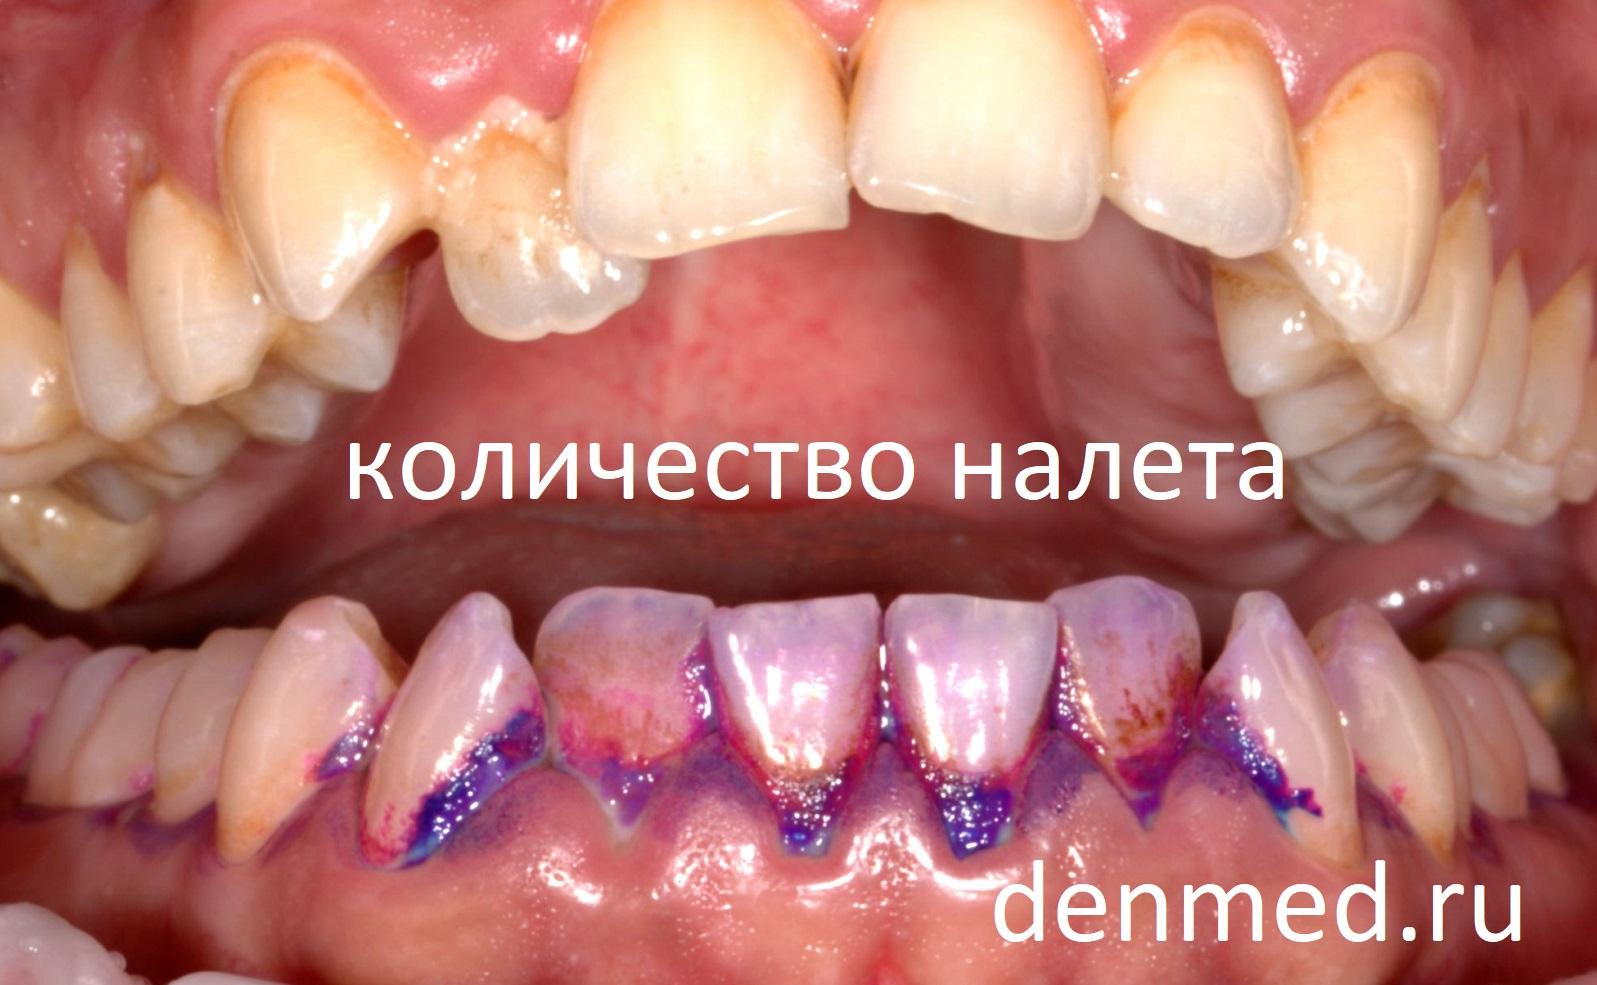 Вторая задача красителя - показать пациенту количество налета, накапливающегося на зубах